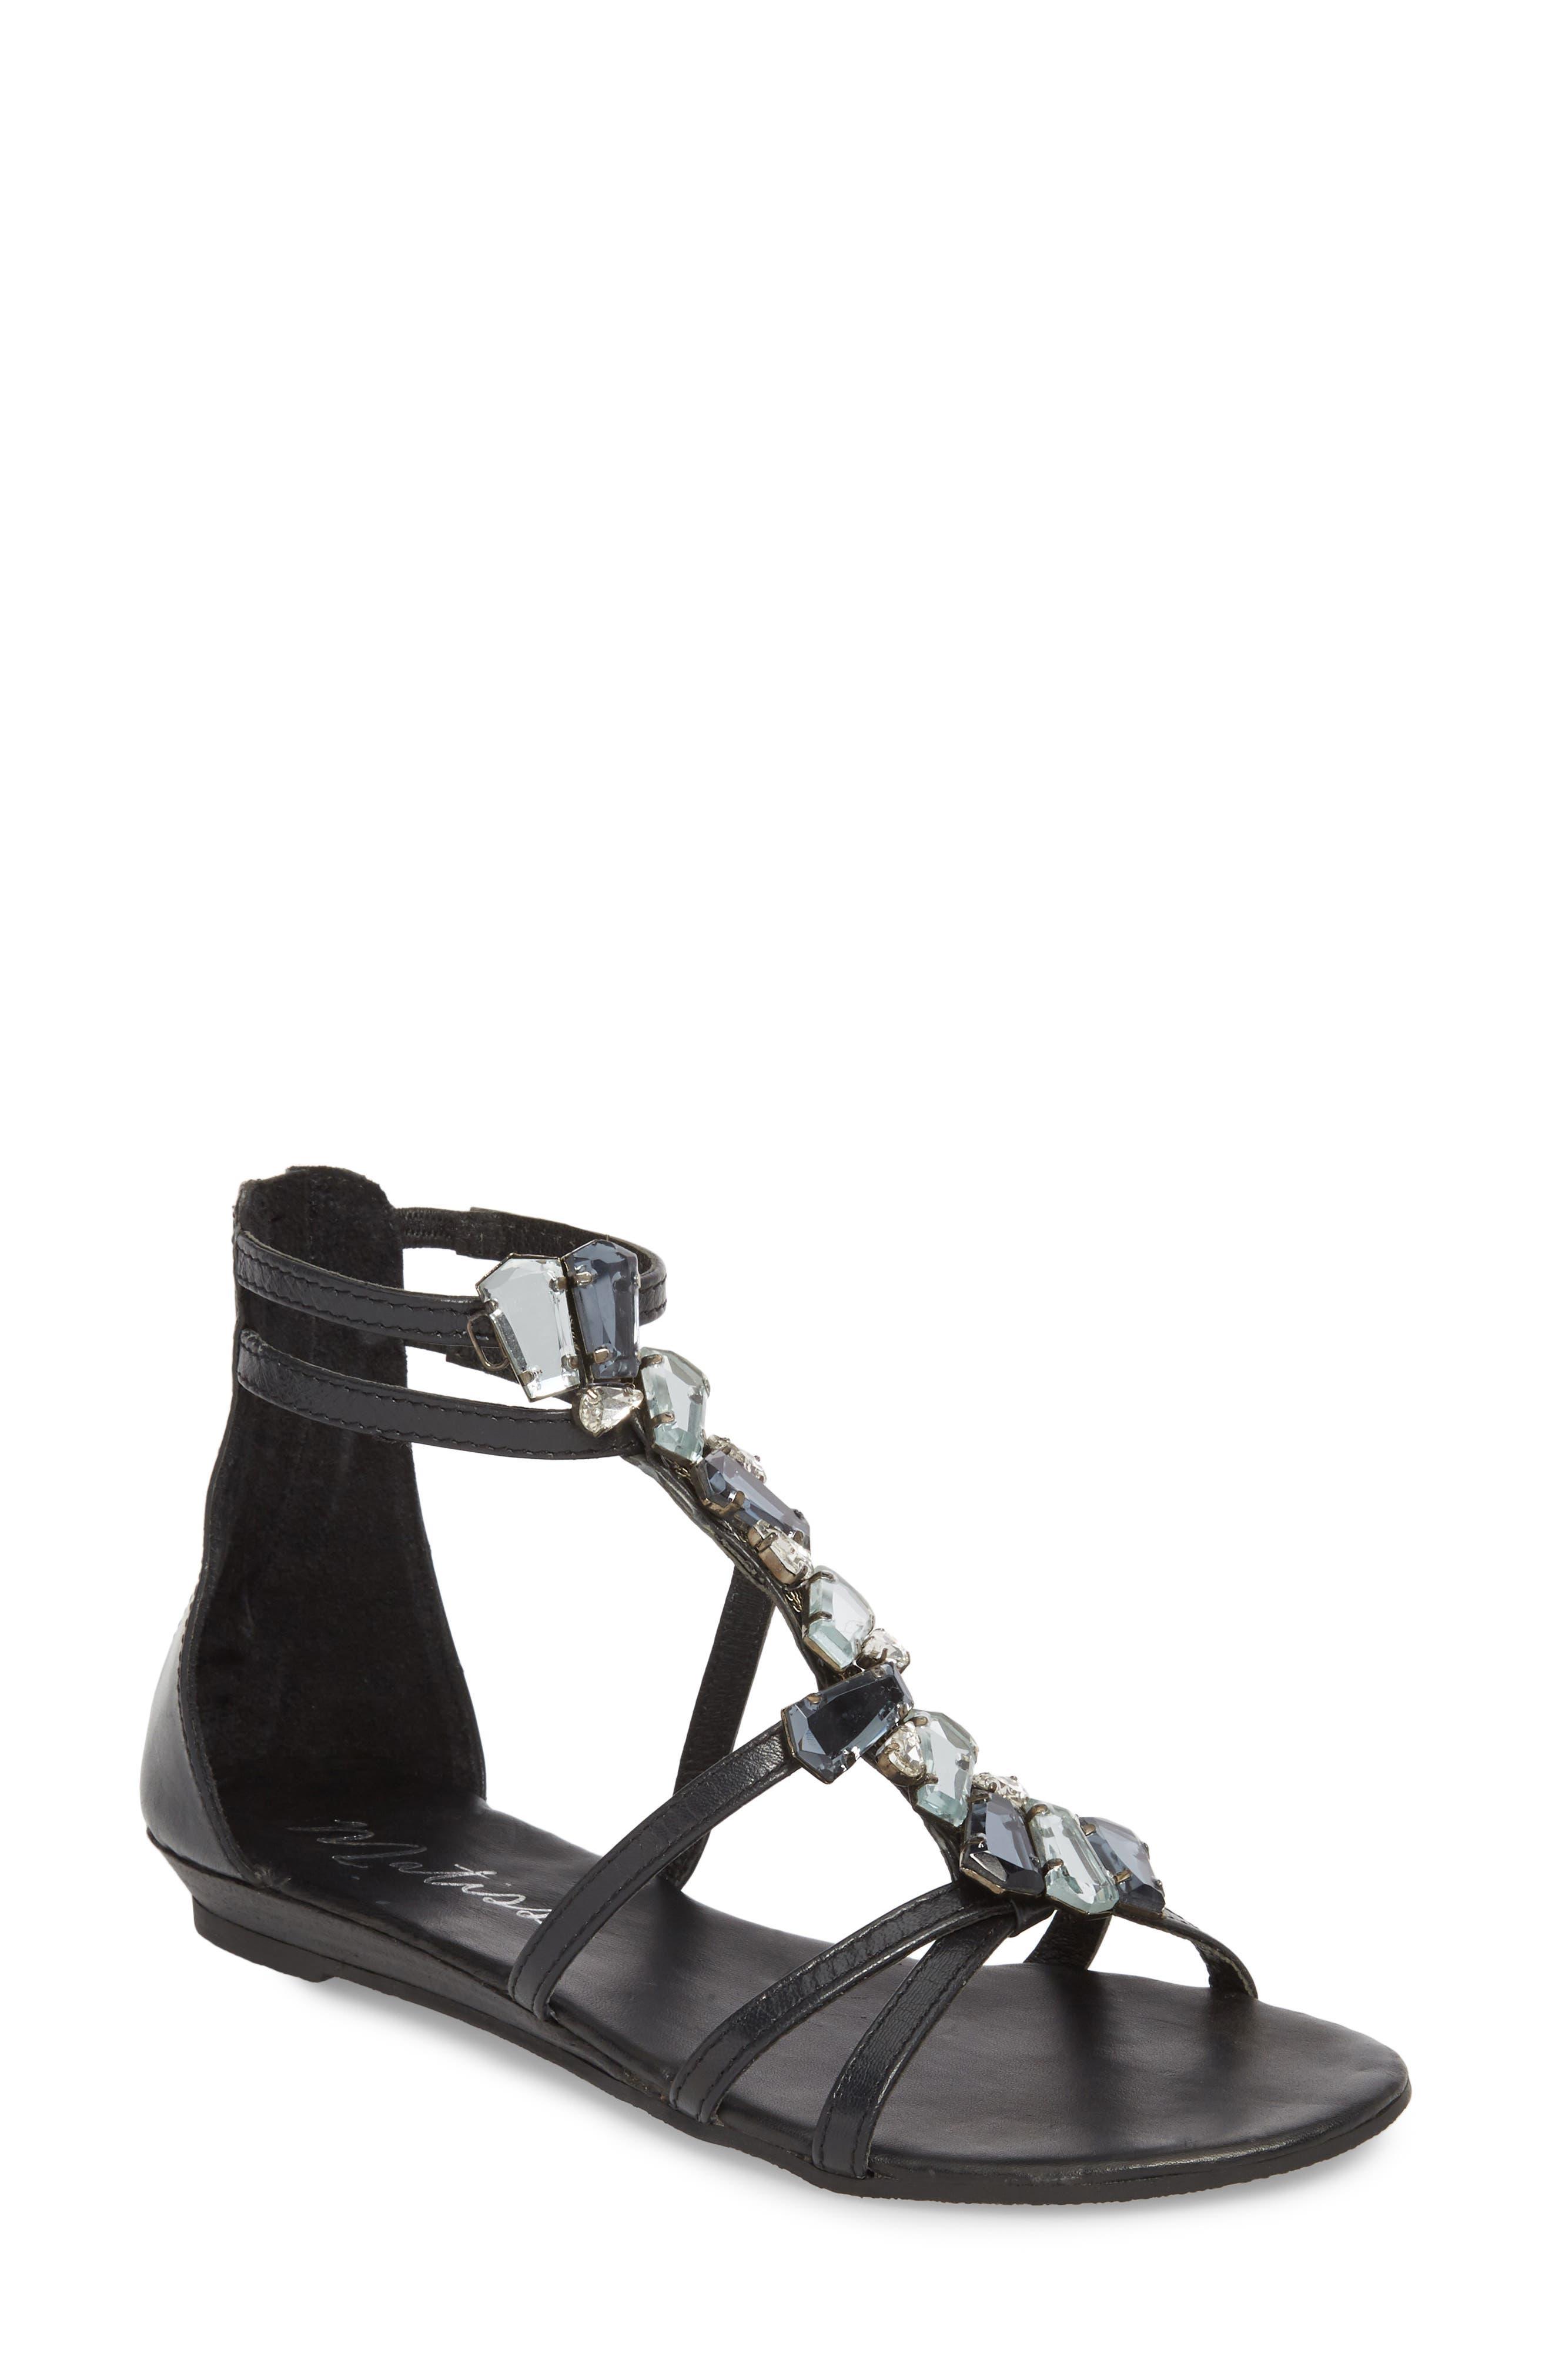 Matisse Didi Crystal Embellished Sandal, Black